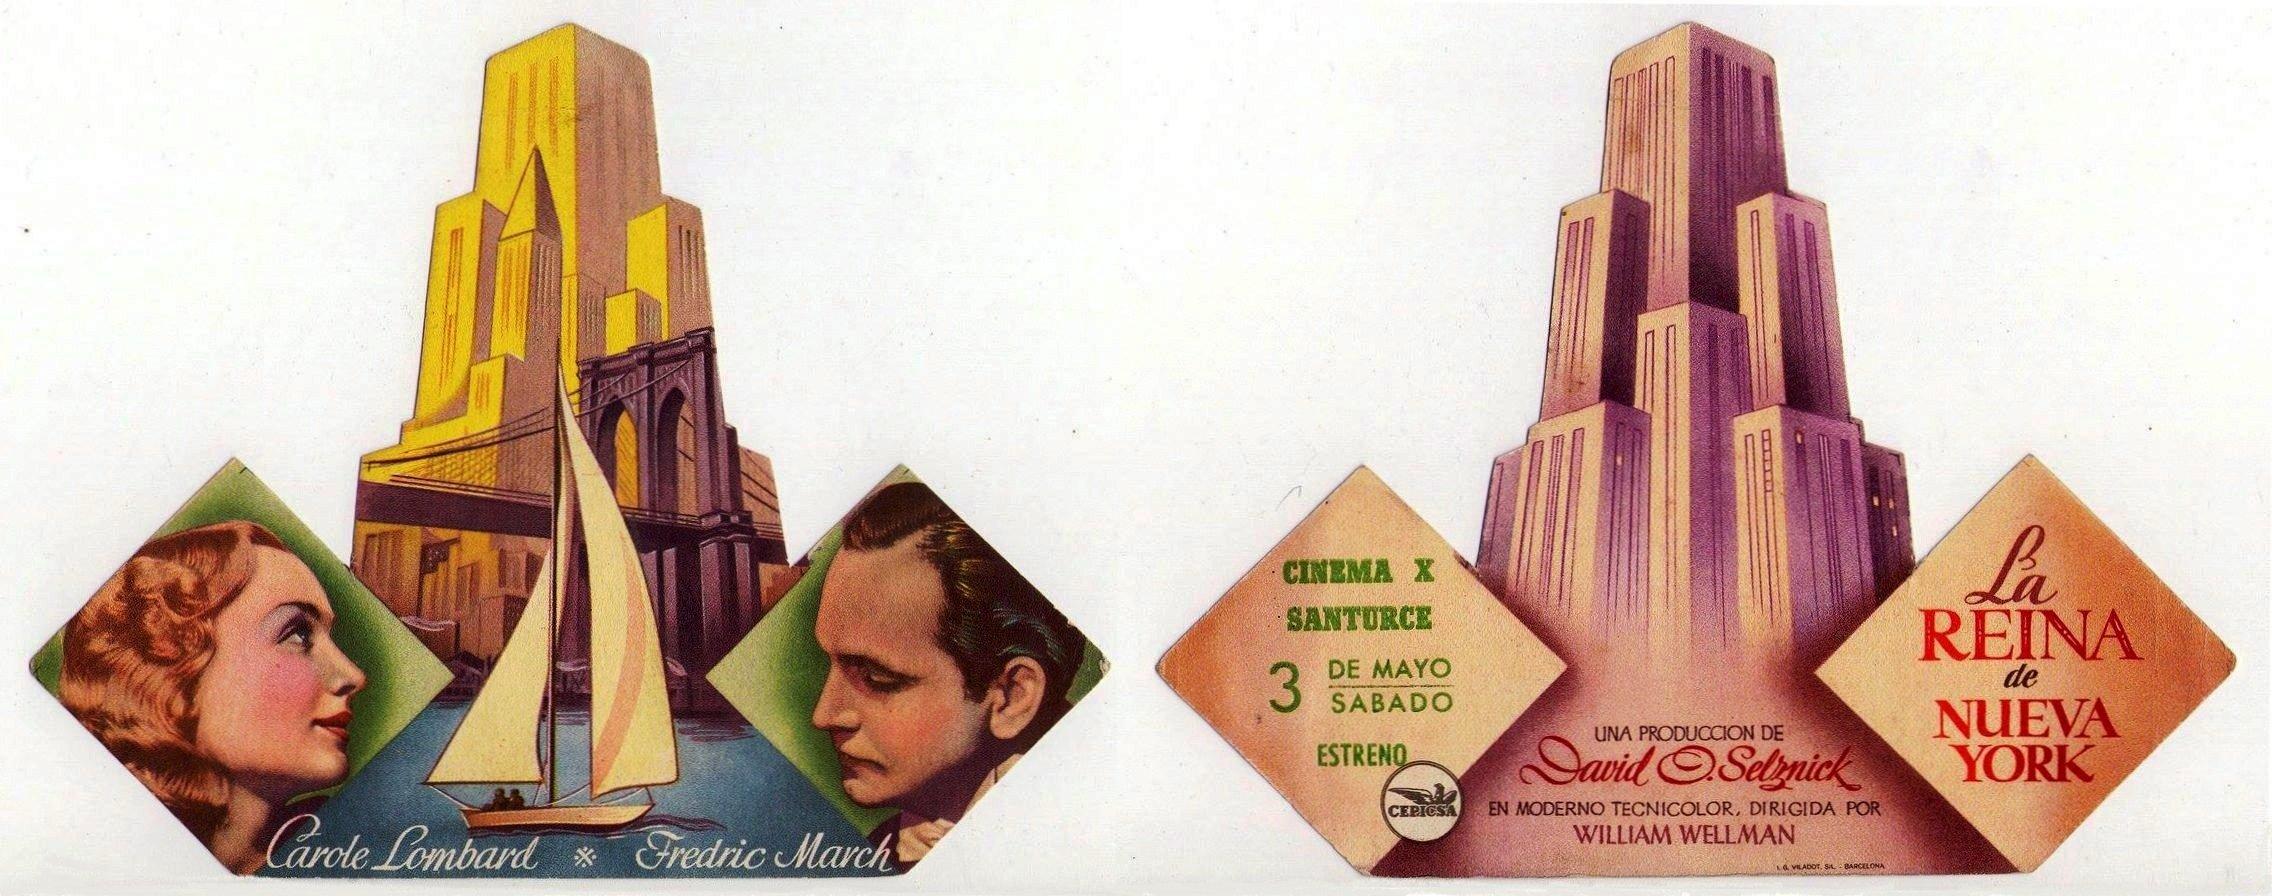 programa-de-cine-troquelado-1941-o-1945